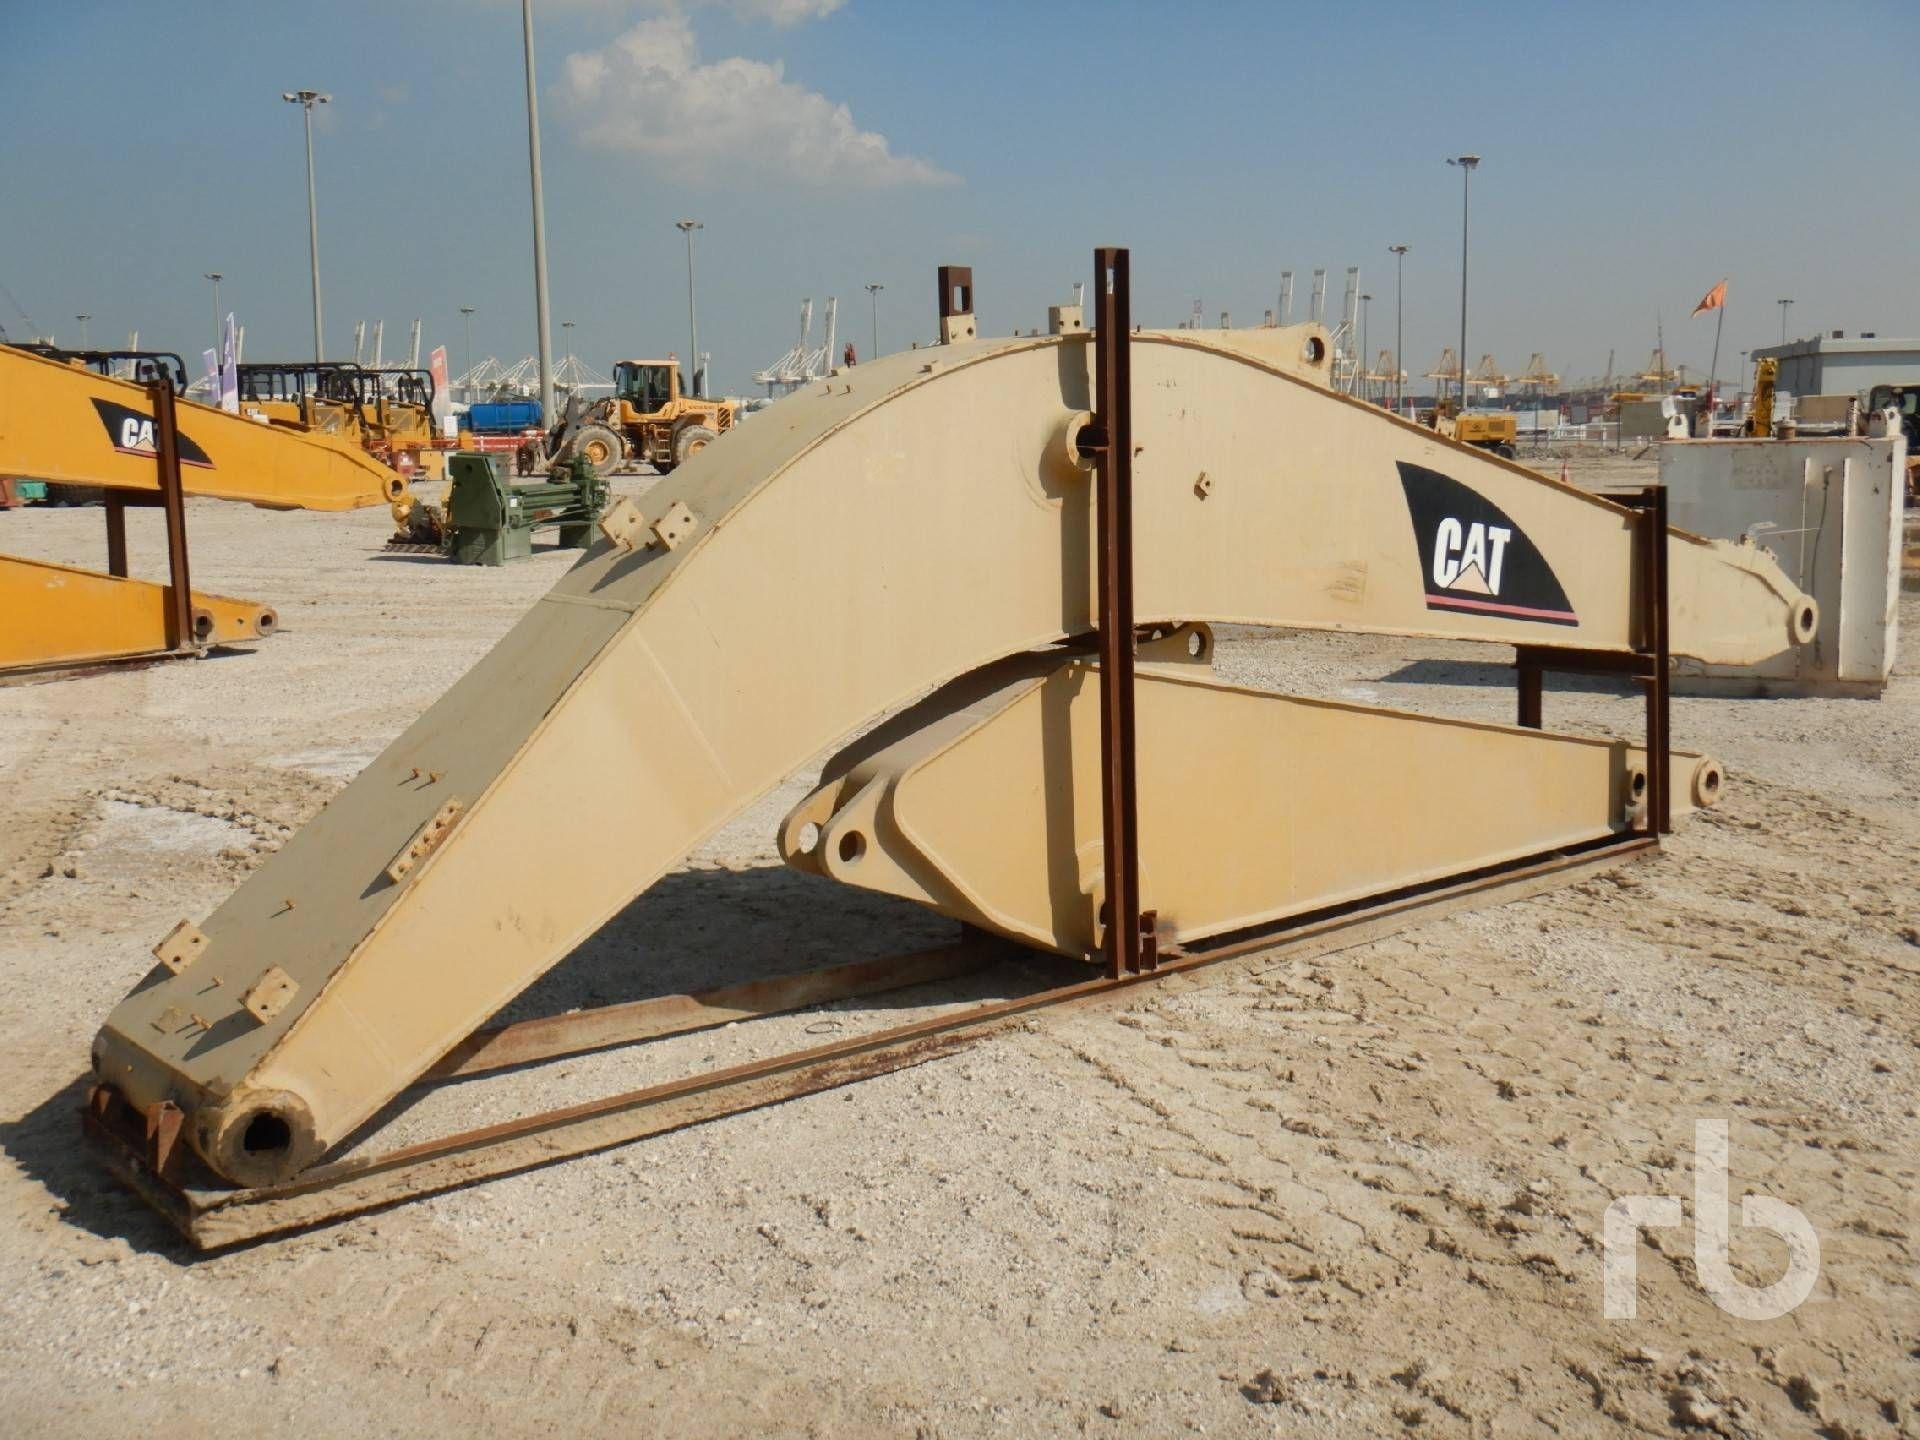 CATERPILLAR Baggerausleger & amp; Anbaugerät für Kettenbagger - andere